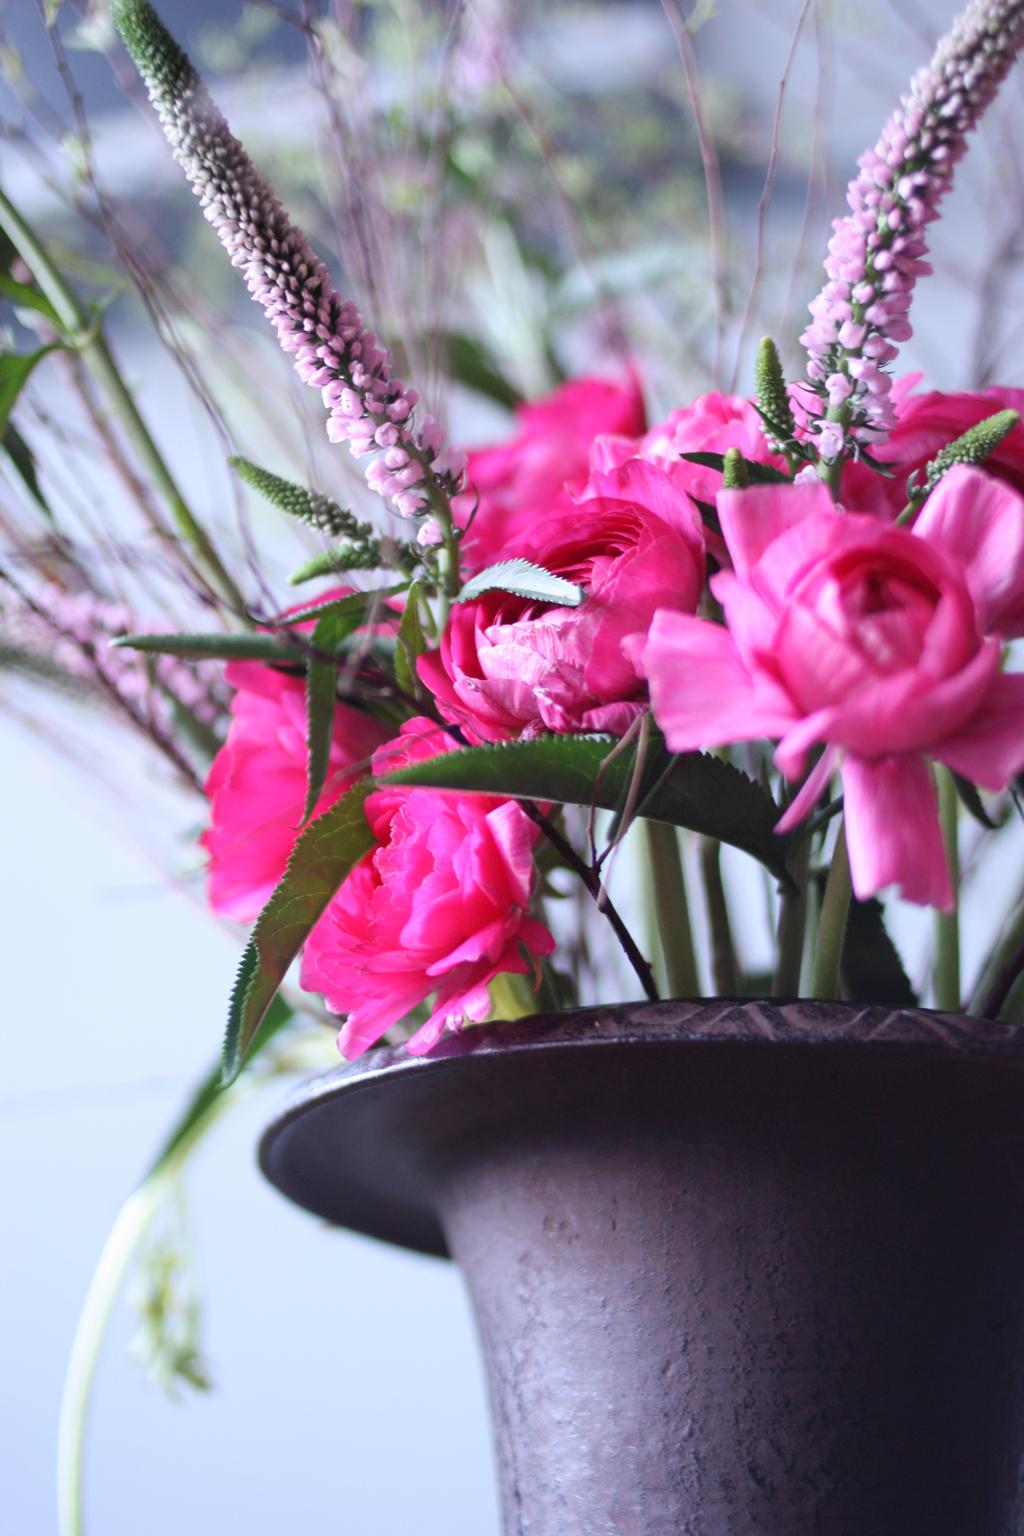 Still_life_in_pink_5